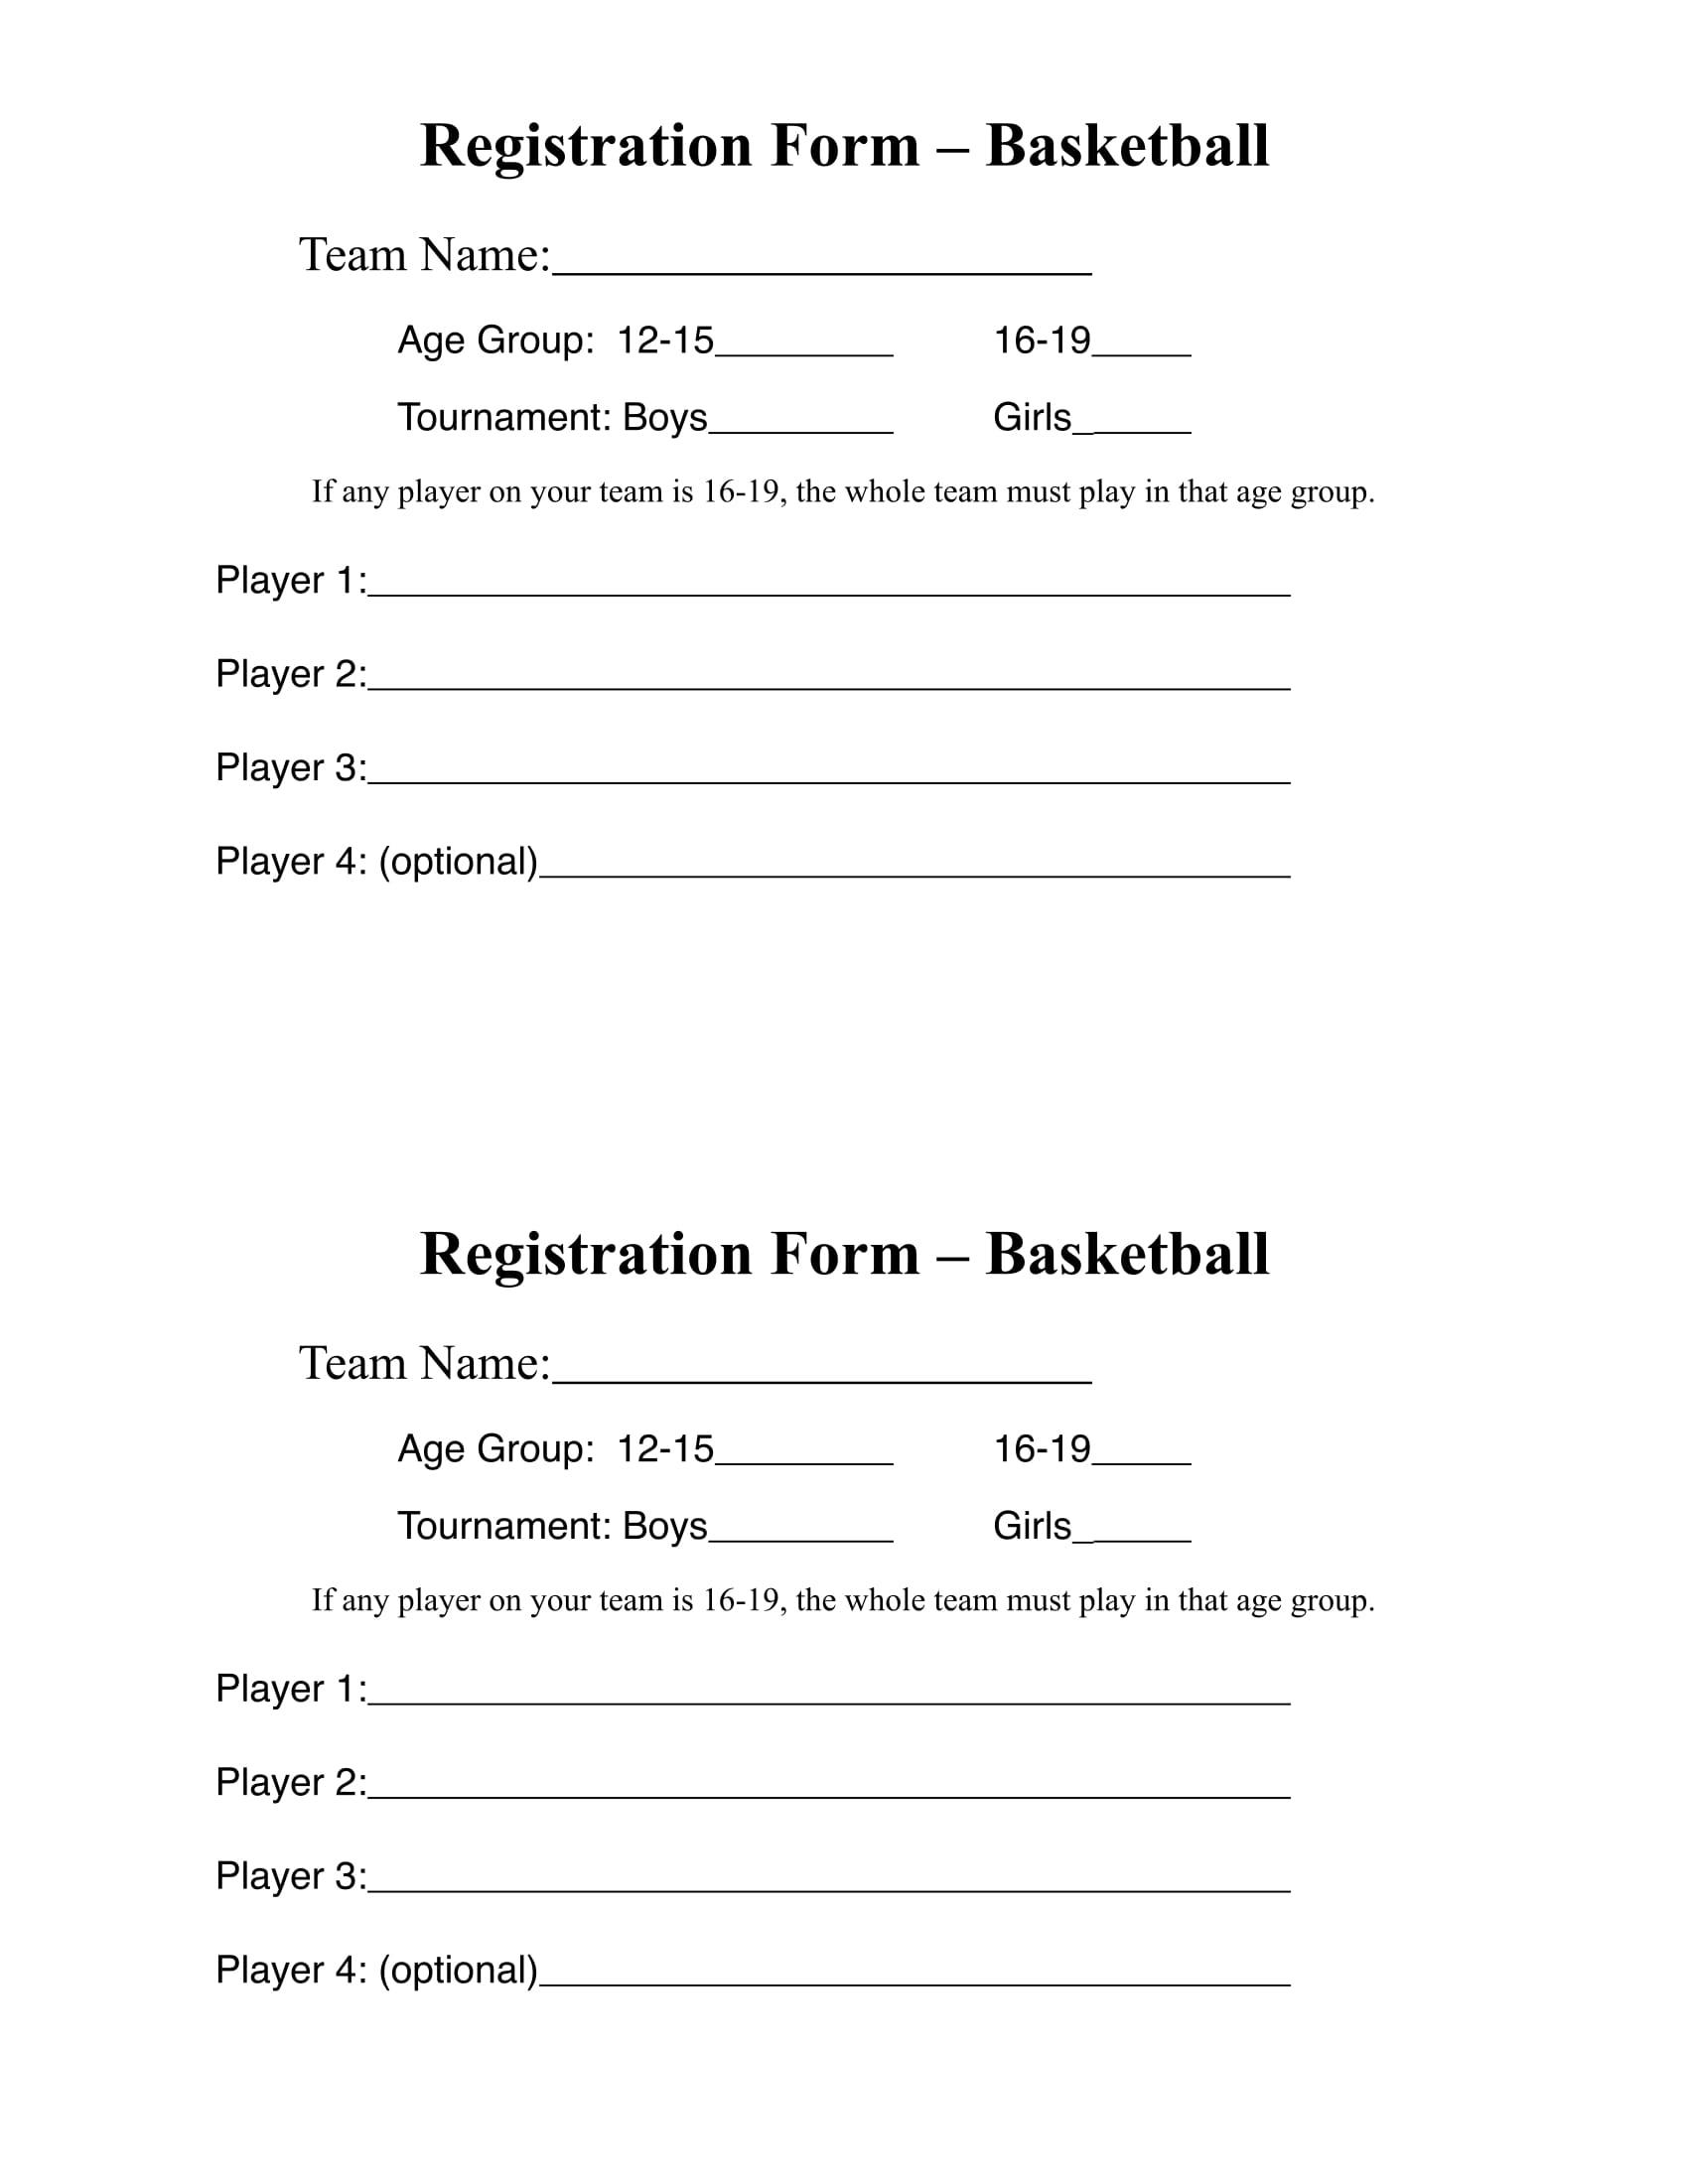 10 Basketball Registration Form Samples